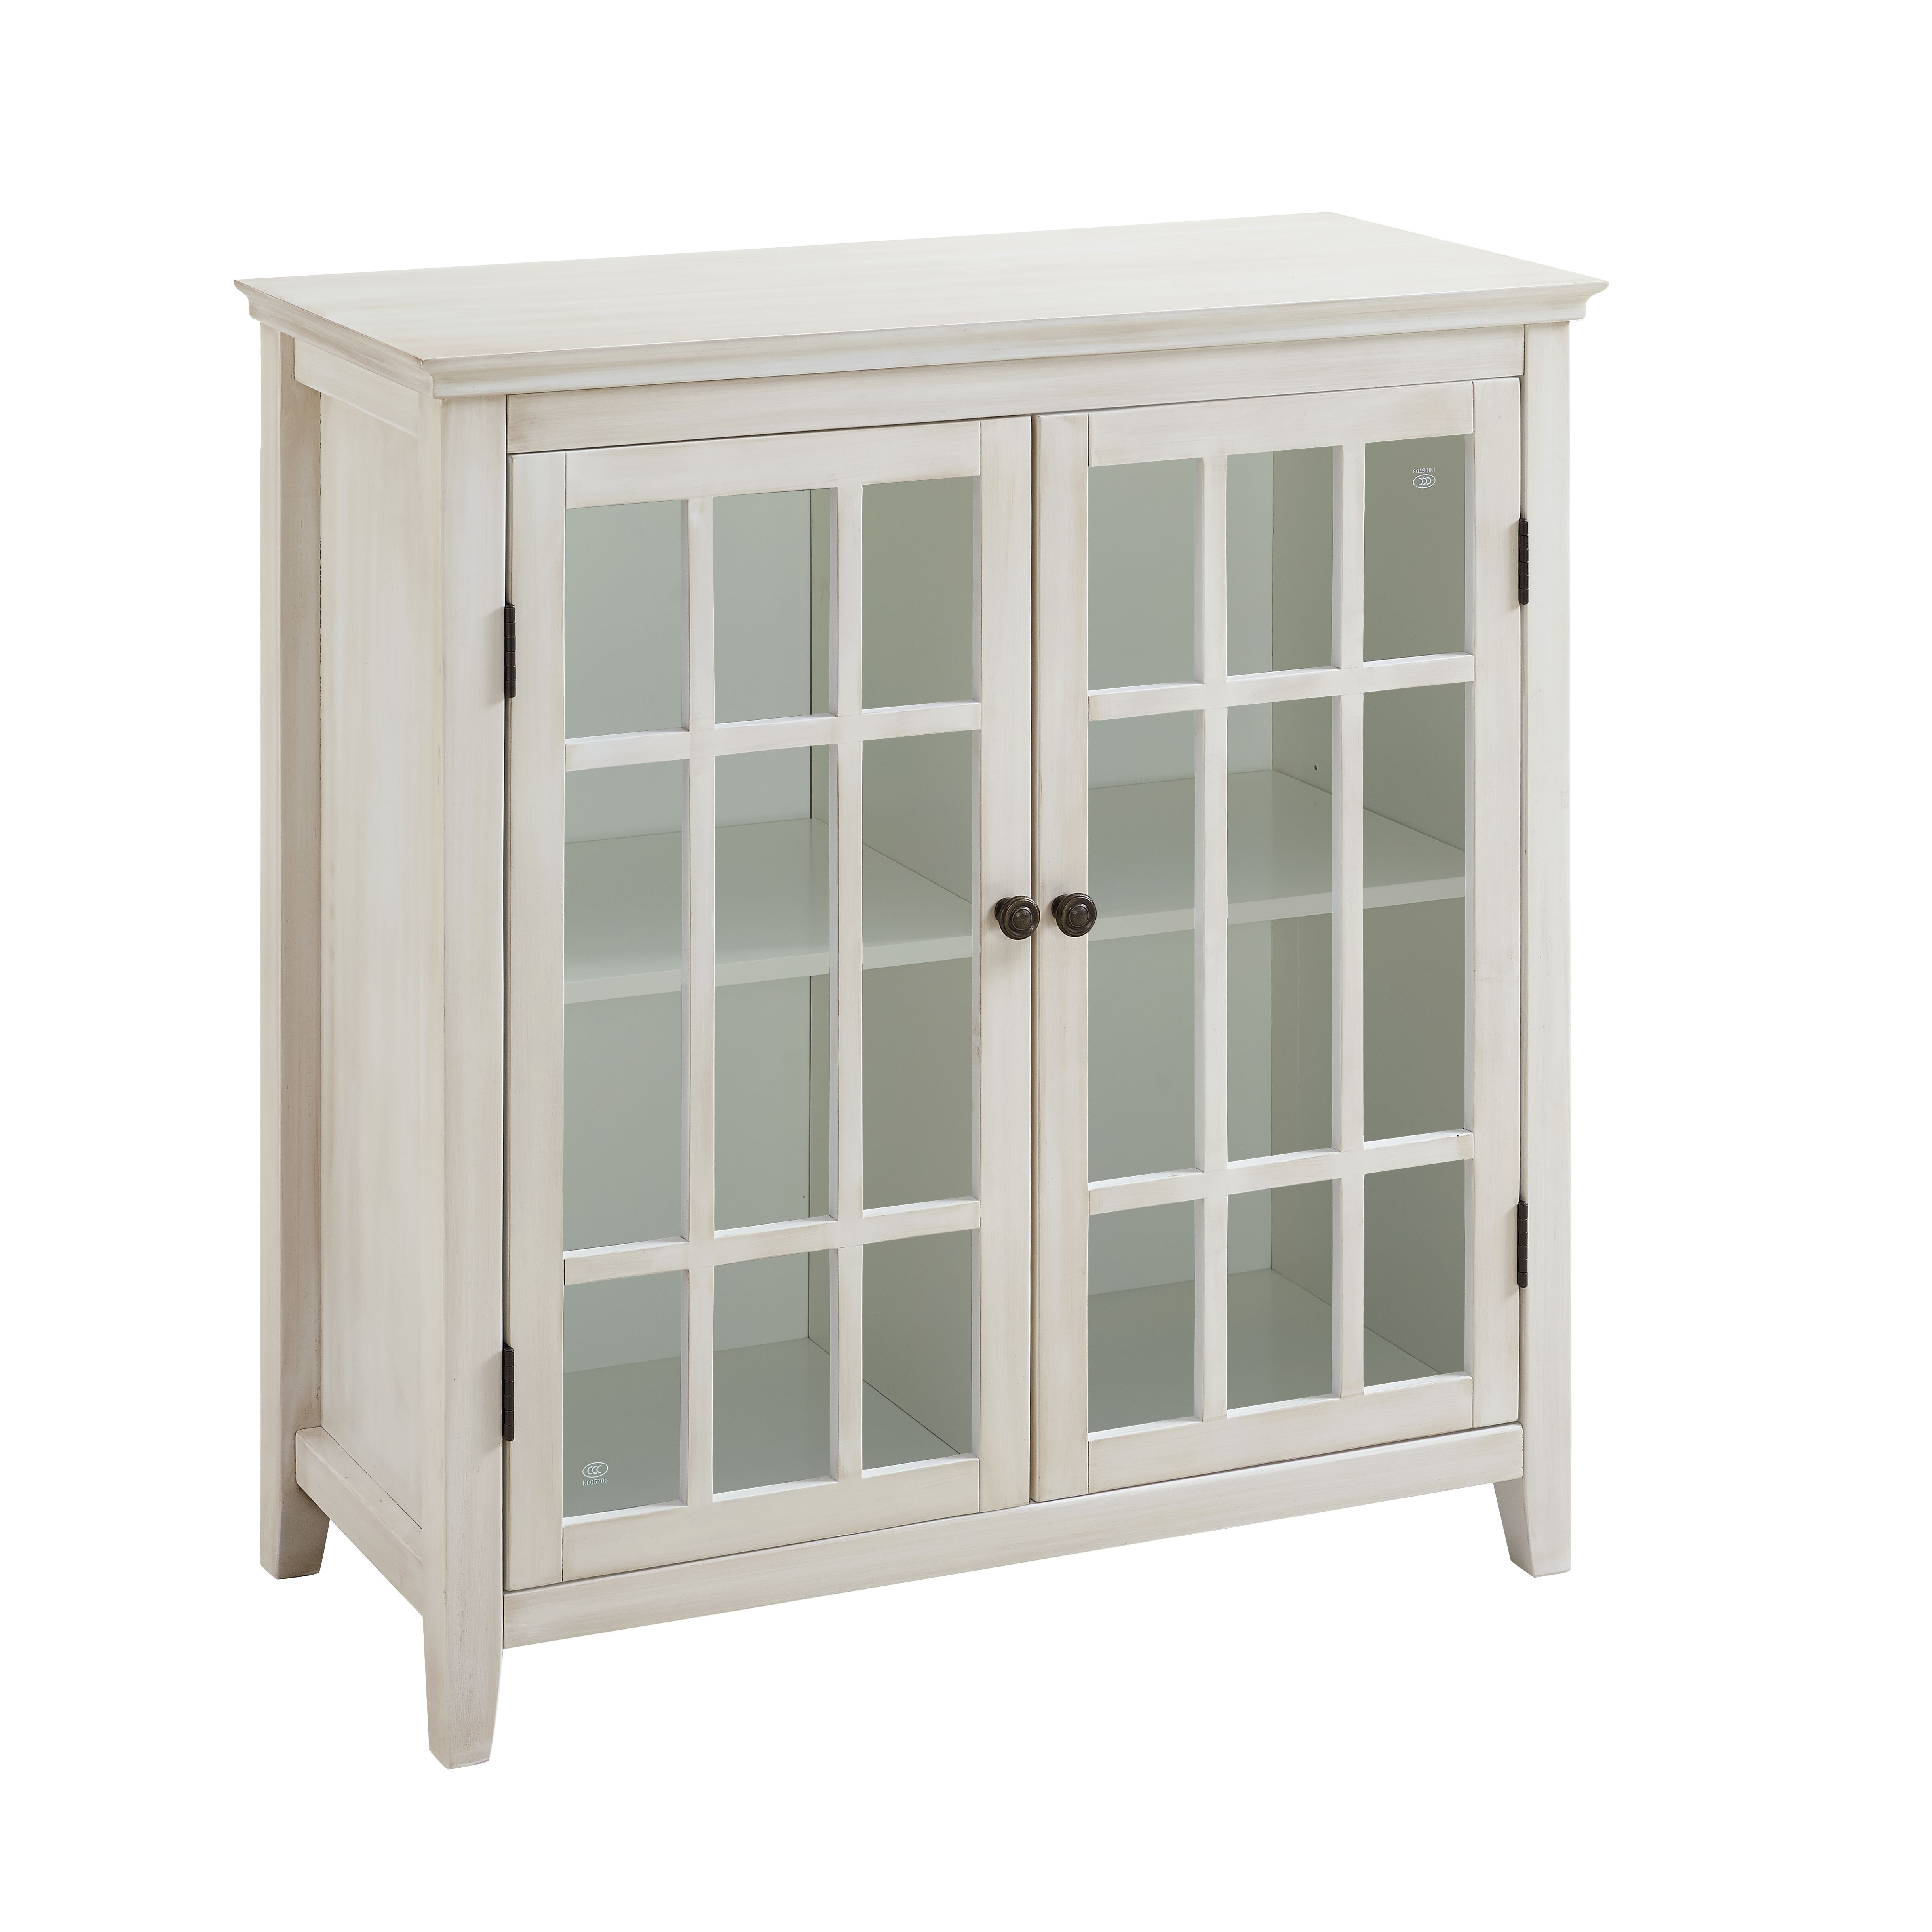 kitchen cabinet door stop choice image glass door interior